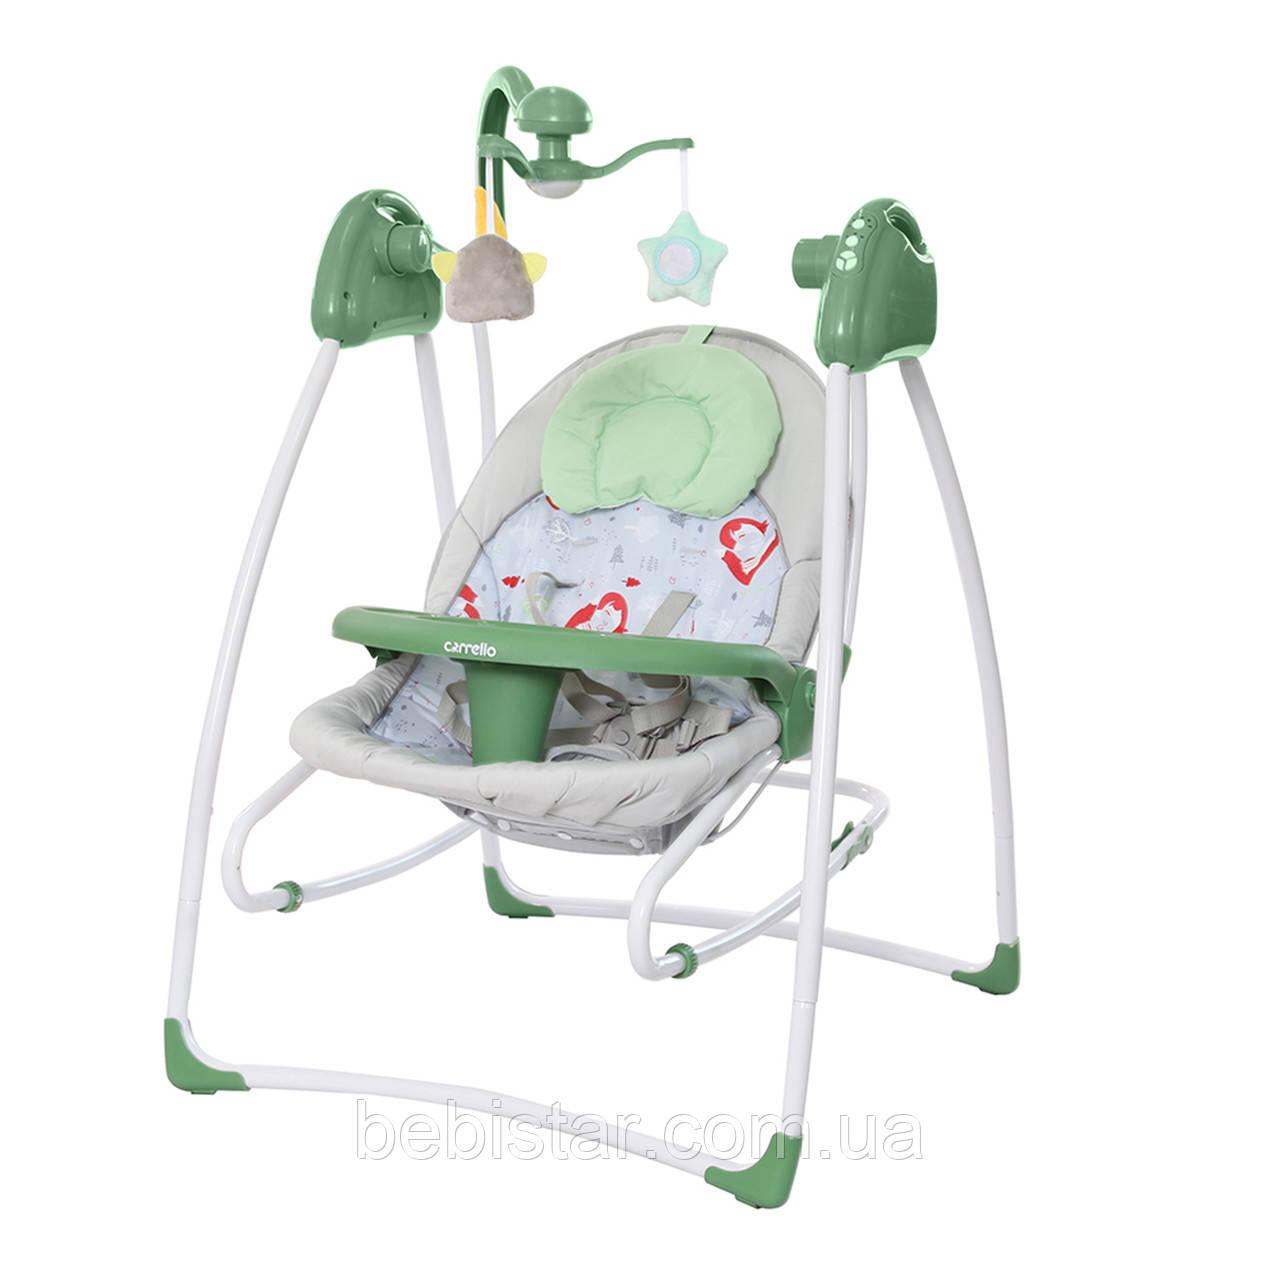 Кресло-качалка шезлонг 3в1 зеленый Carrello Grazia съемный столик вкладыш вращающийся мягкие игрушки